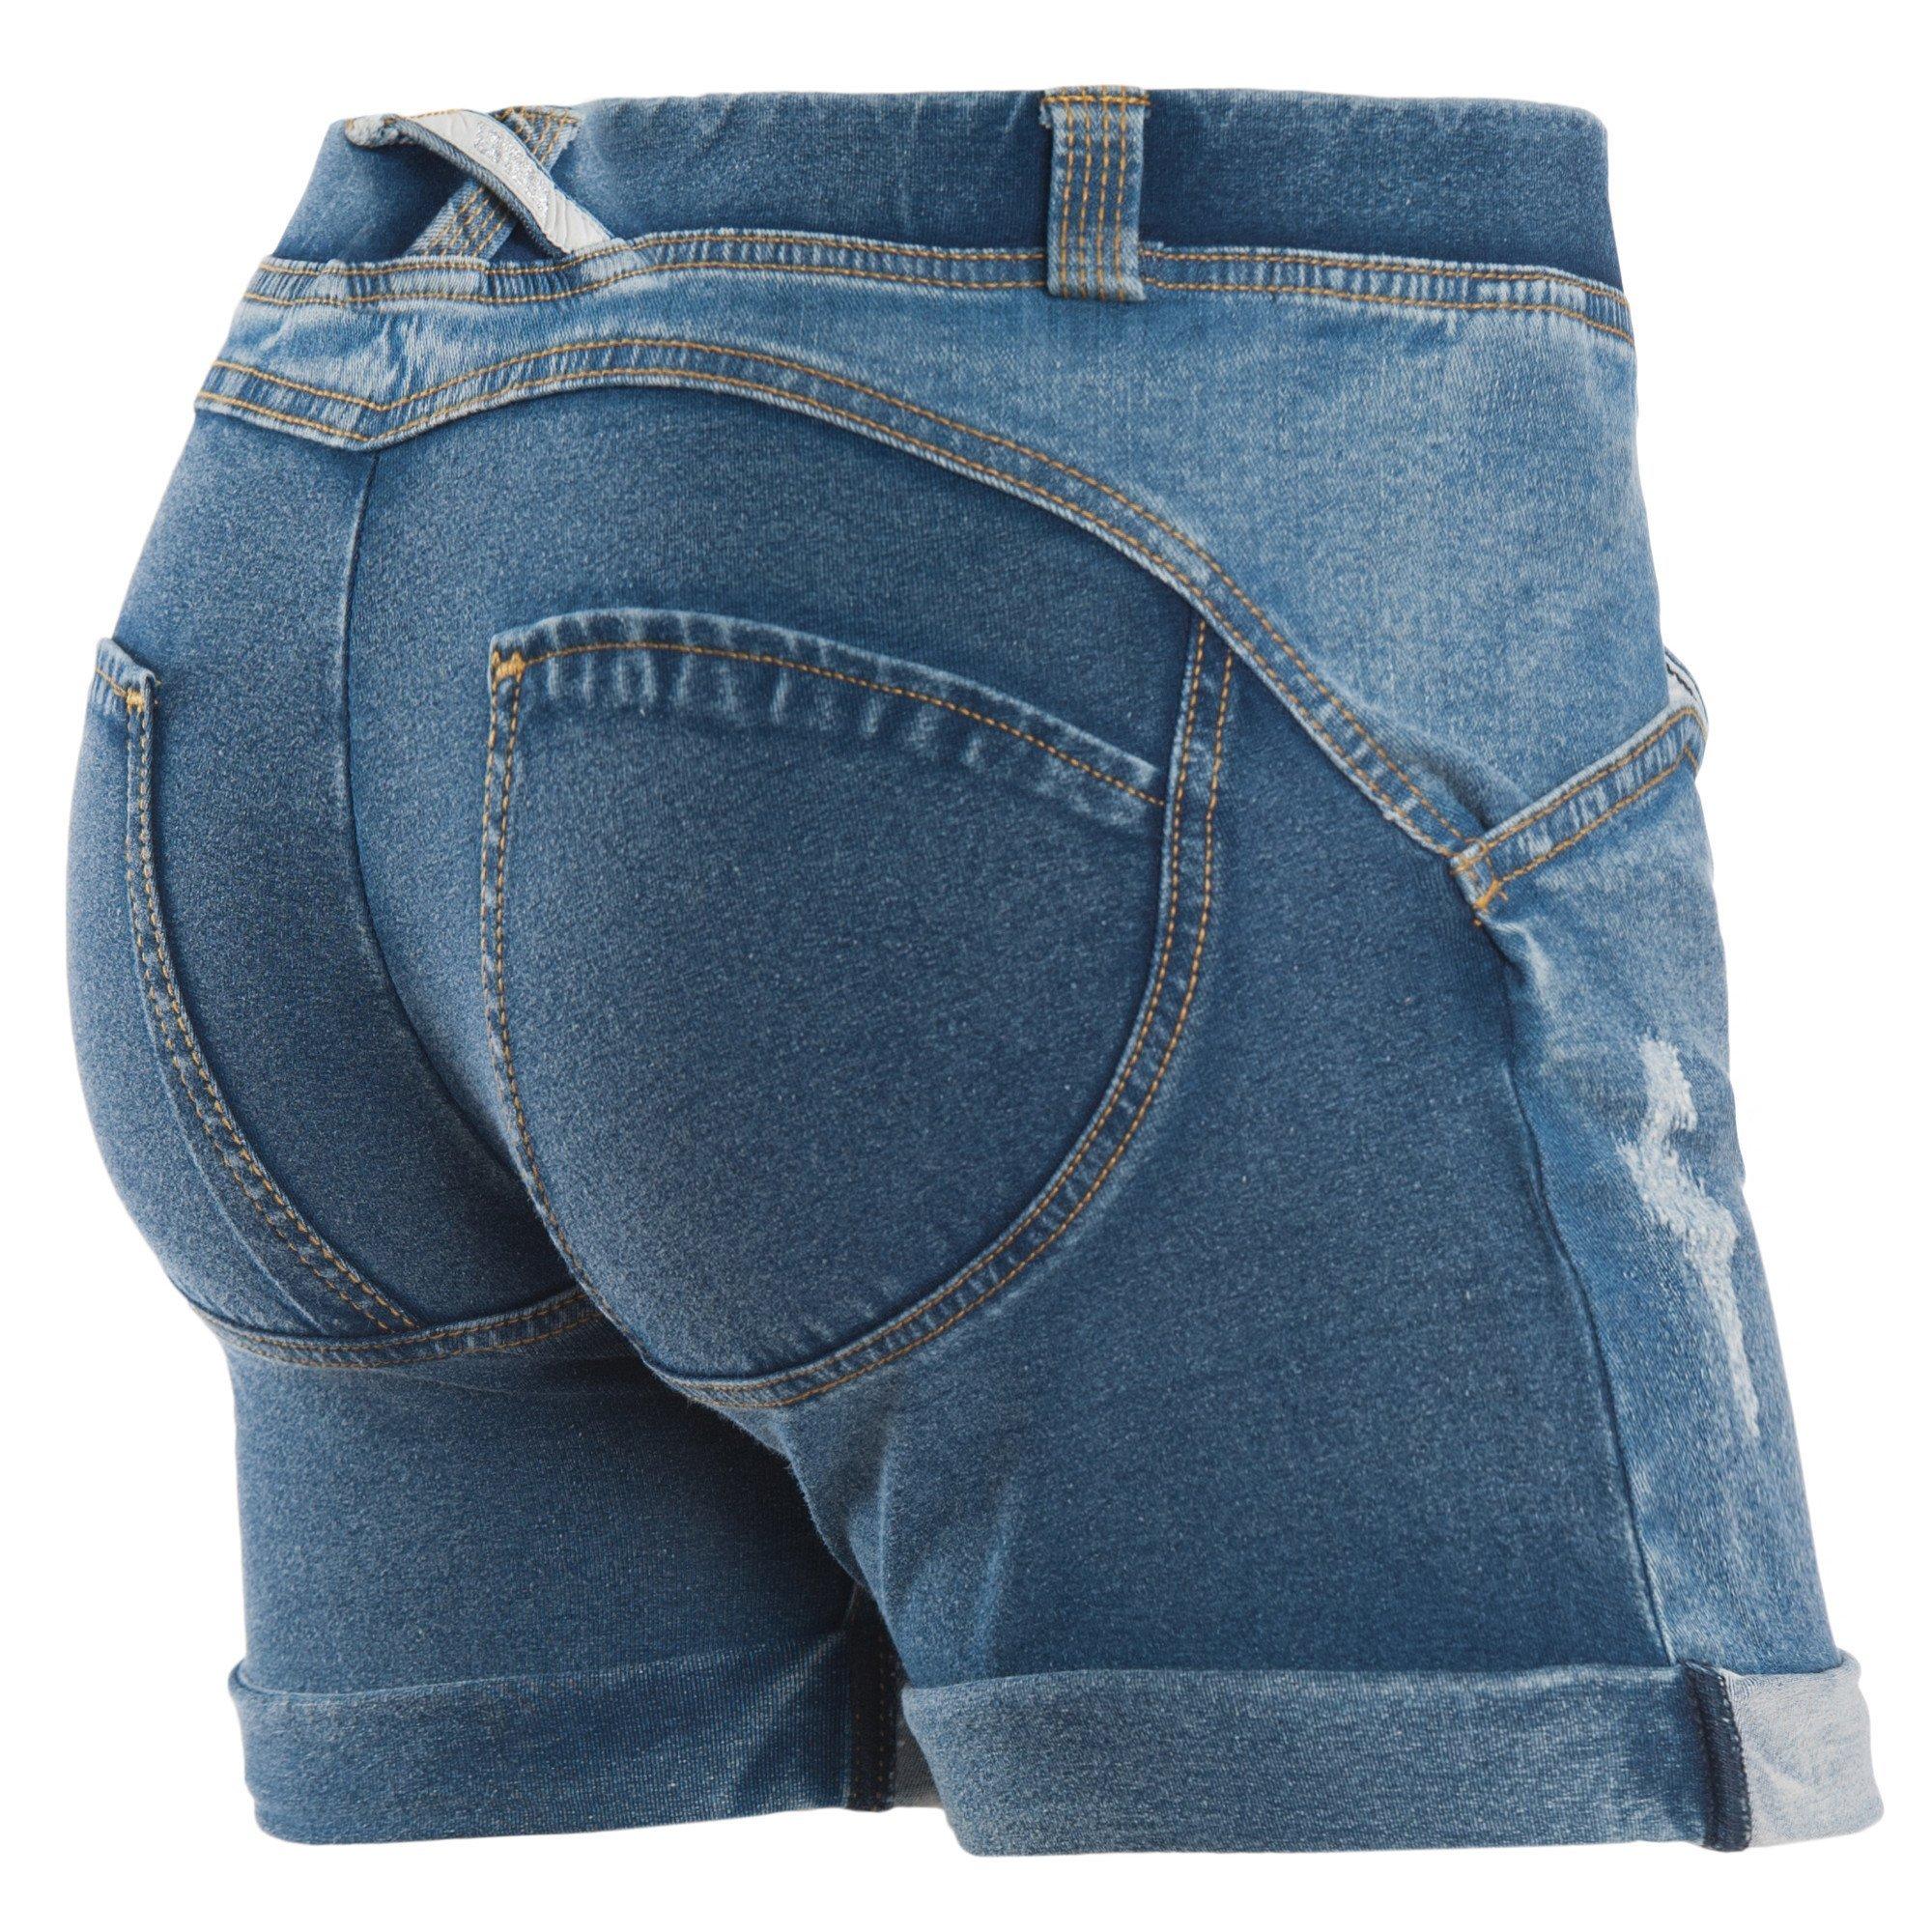 Freddy WR.UP Distressed Denim Shorts